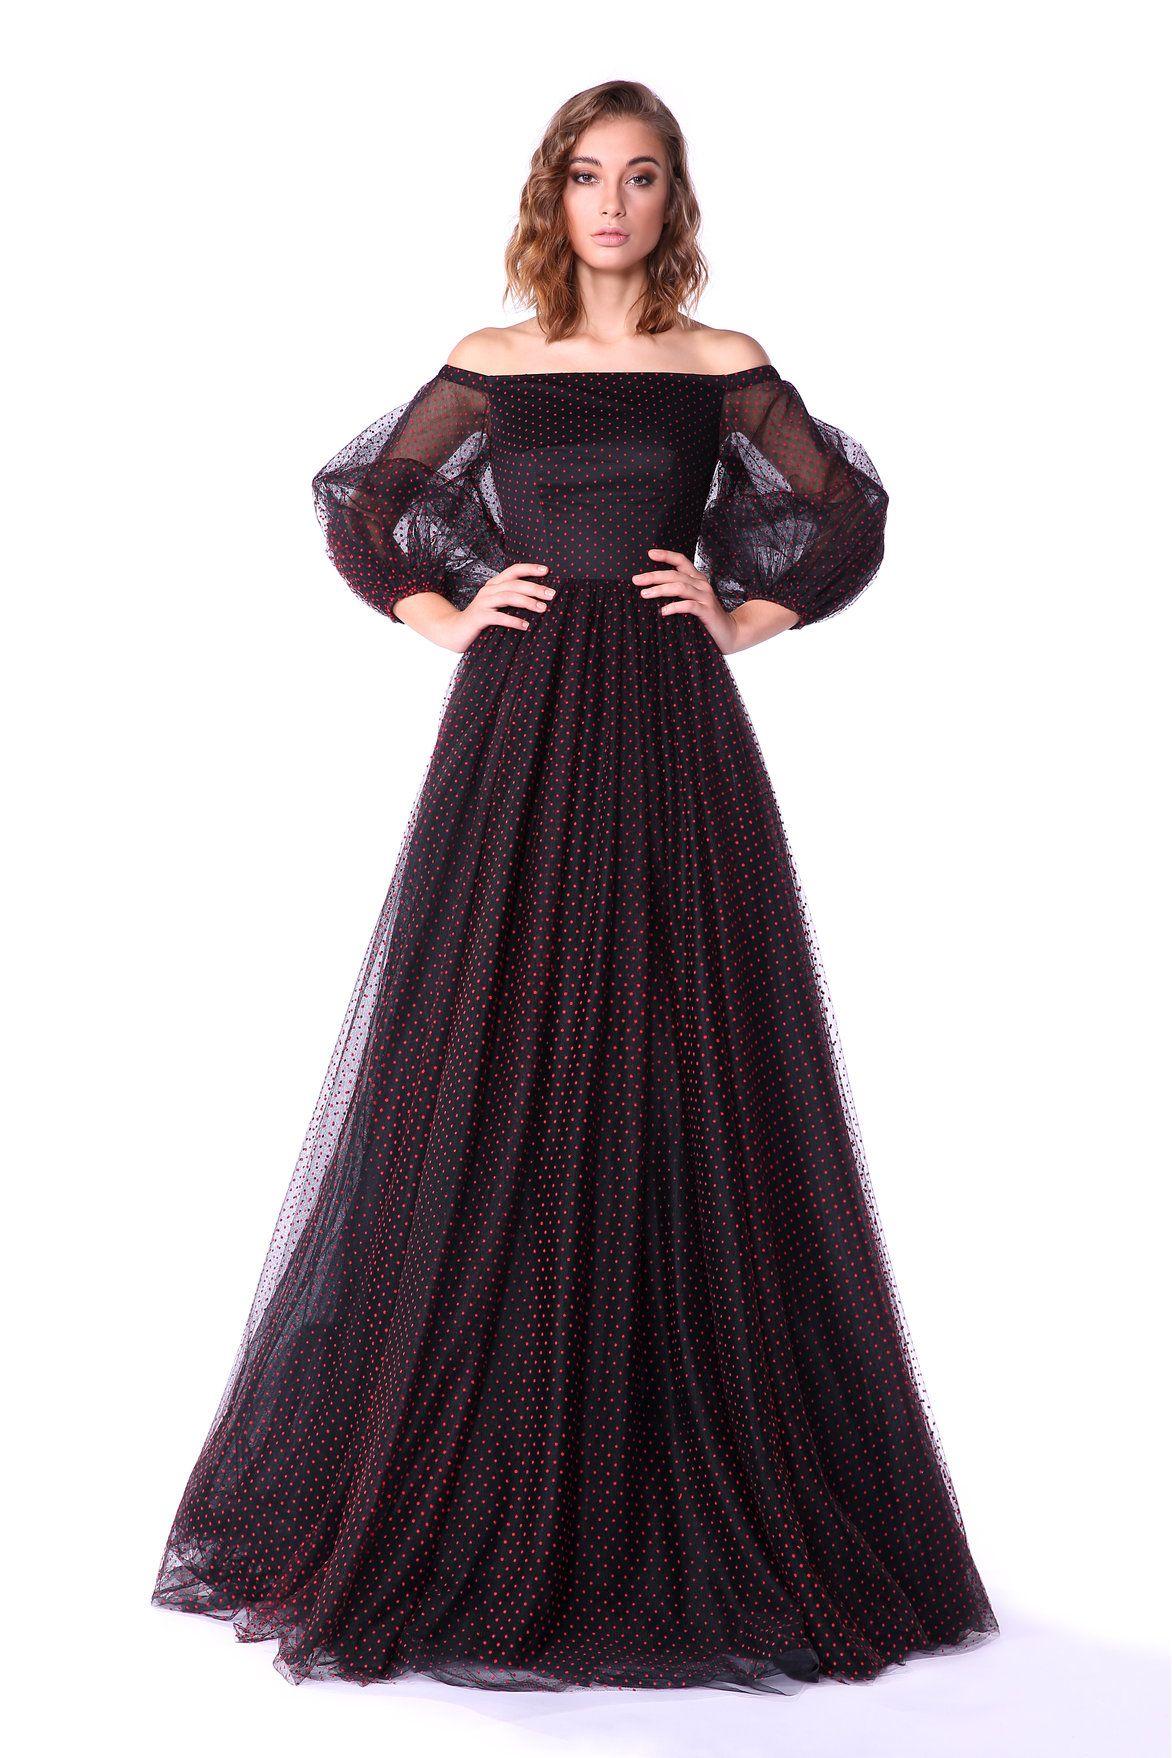 Designer Dresses & Fashion Clothes For Women | Isabel Garcia